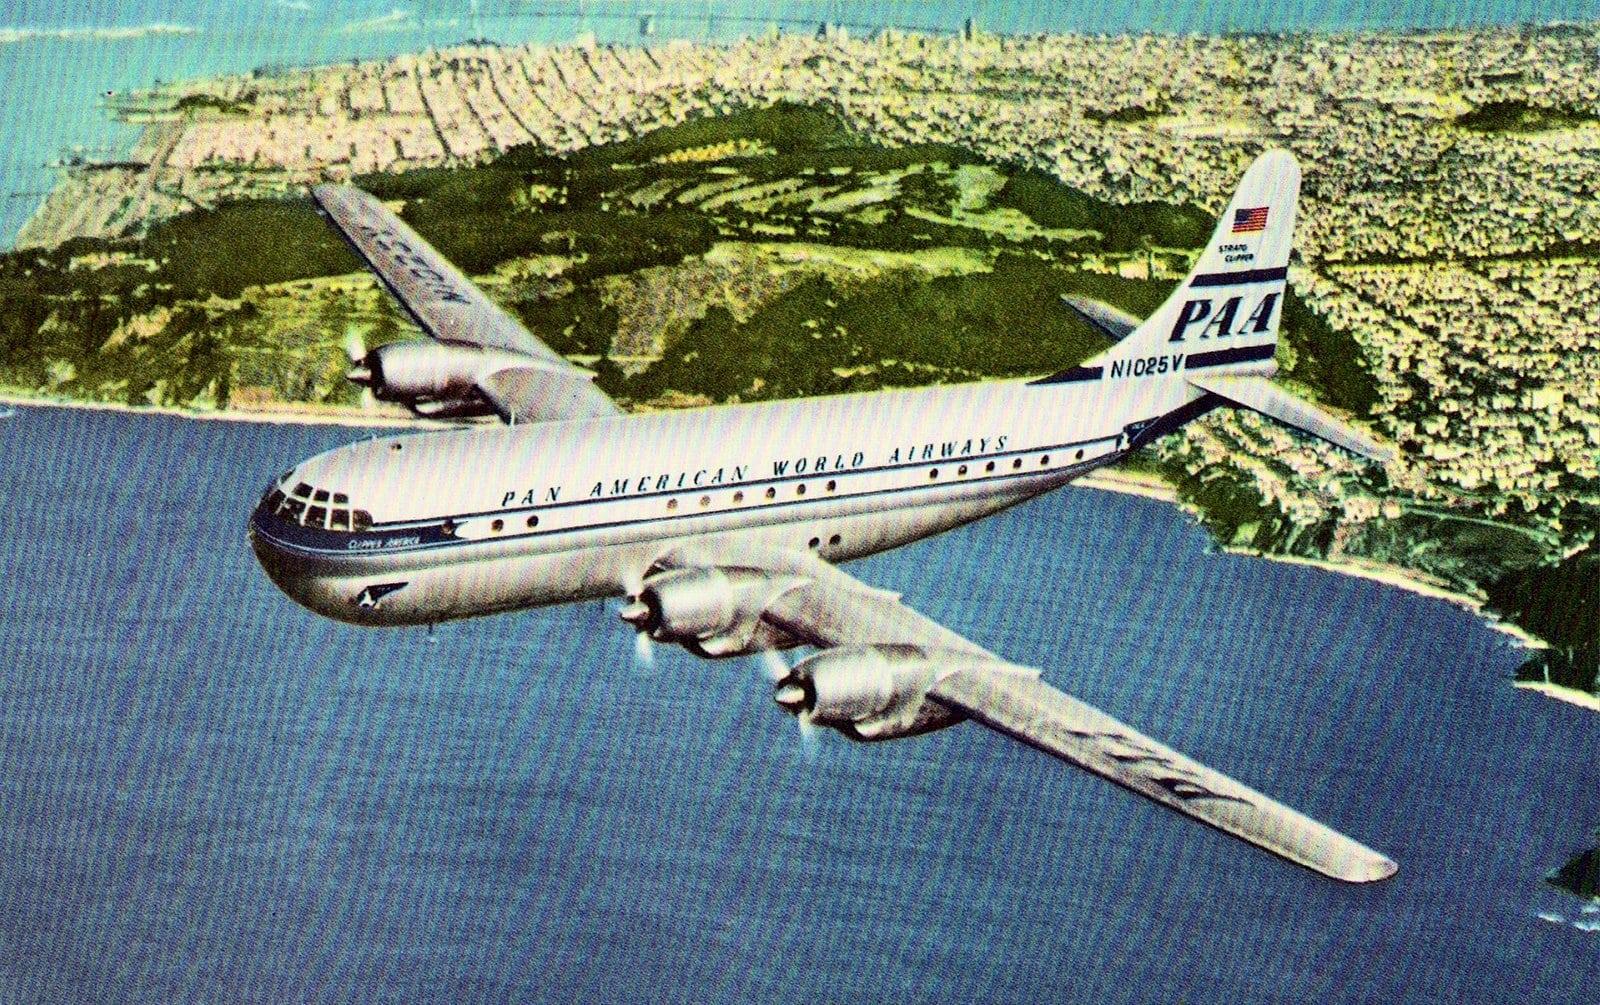 1950s Pan Am plane flies over the Presidio - San Francisco